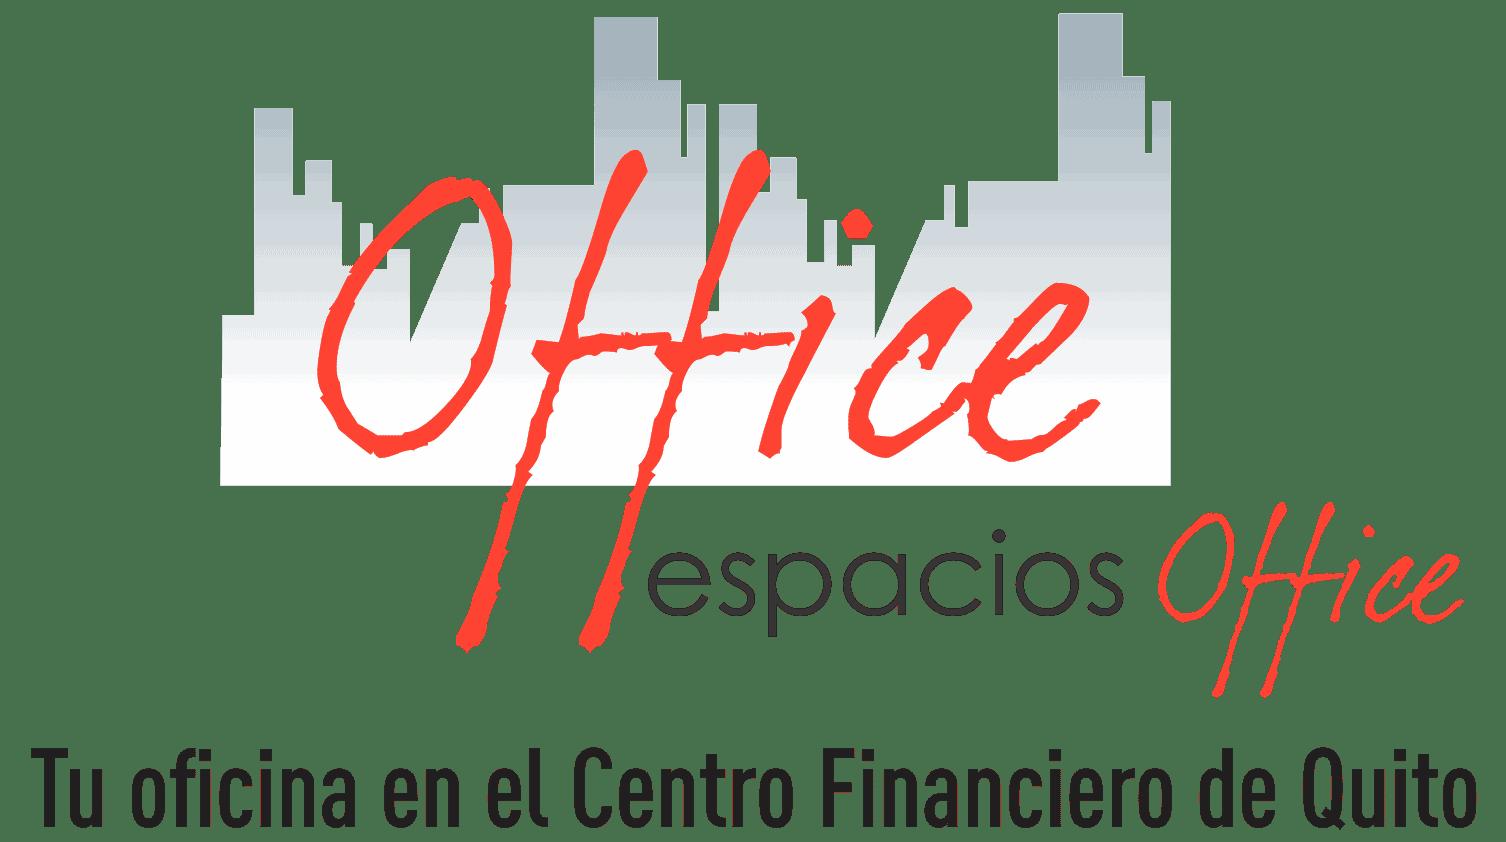 Espacios Office